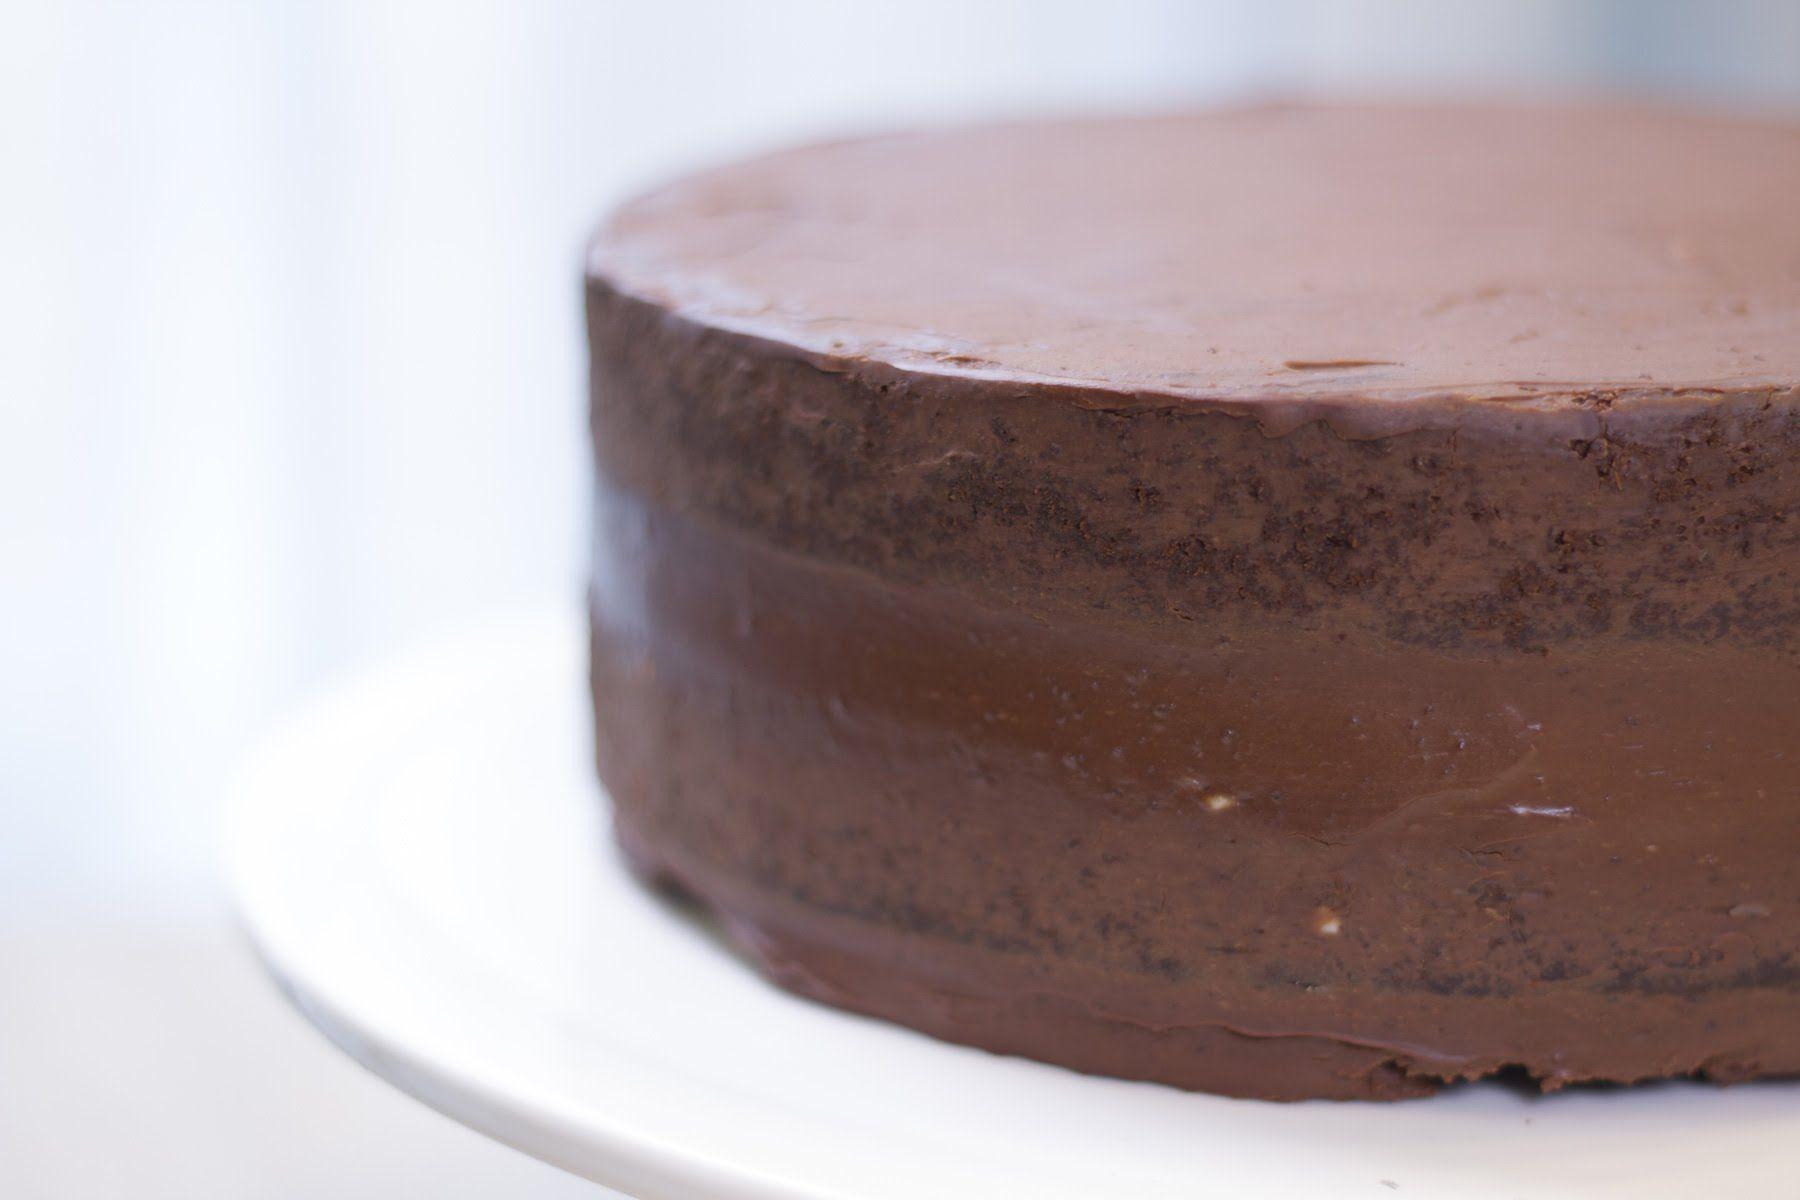 Gateau Au Chocolat Facile Pour Faire Des Gateaux Cake Design Cake Design Chocolate Recipes Desserts